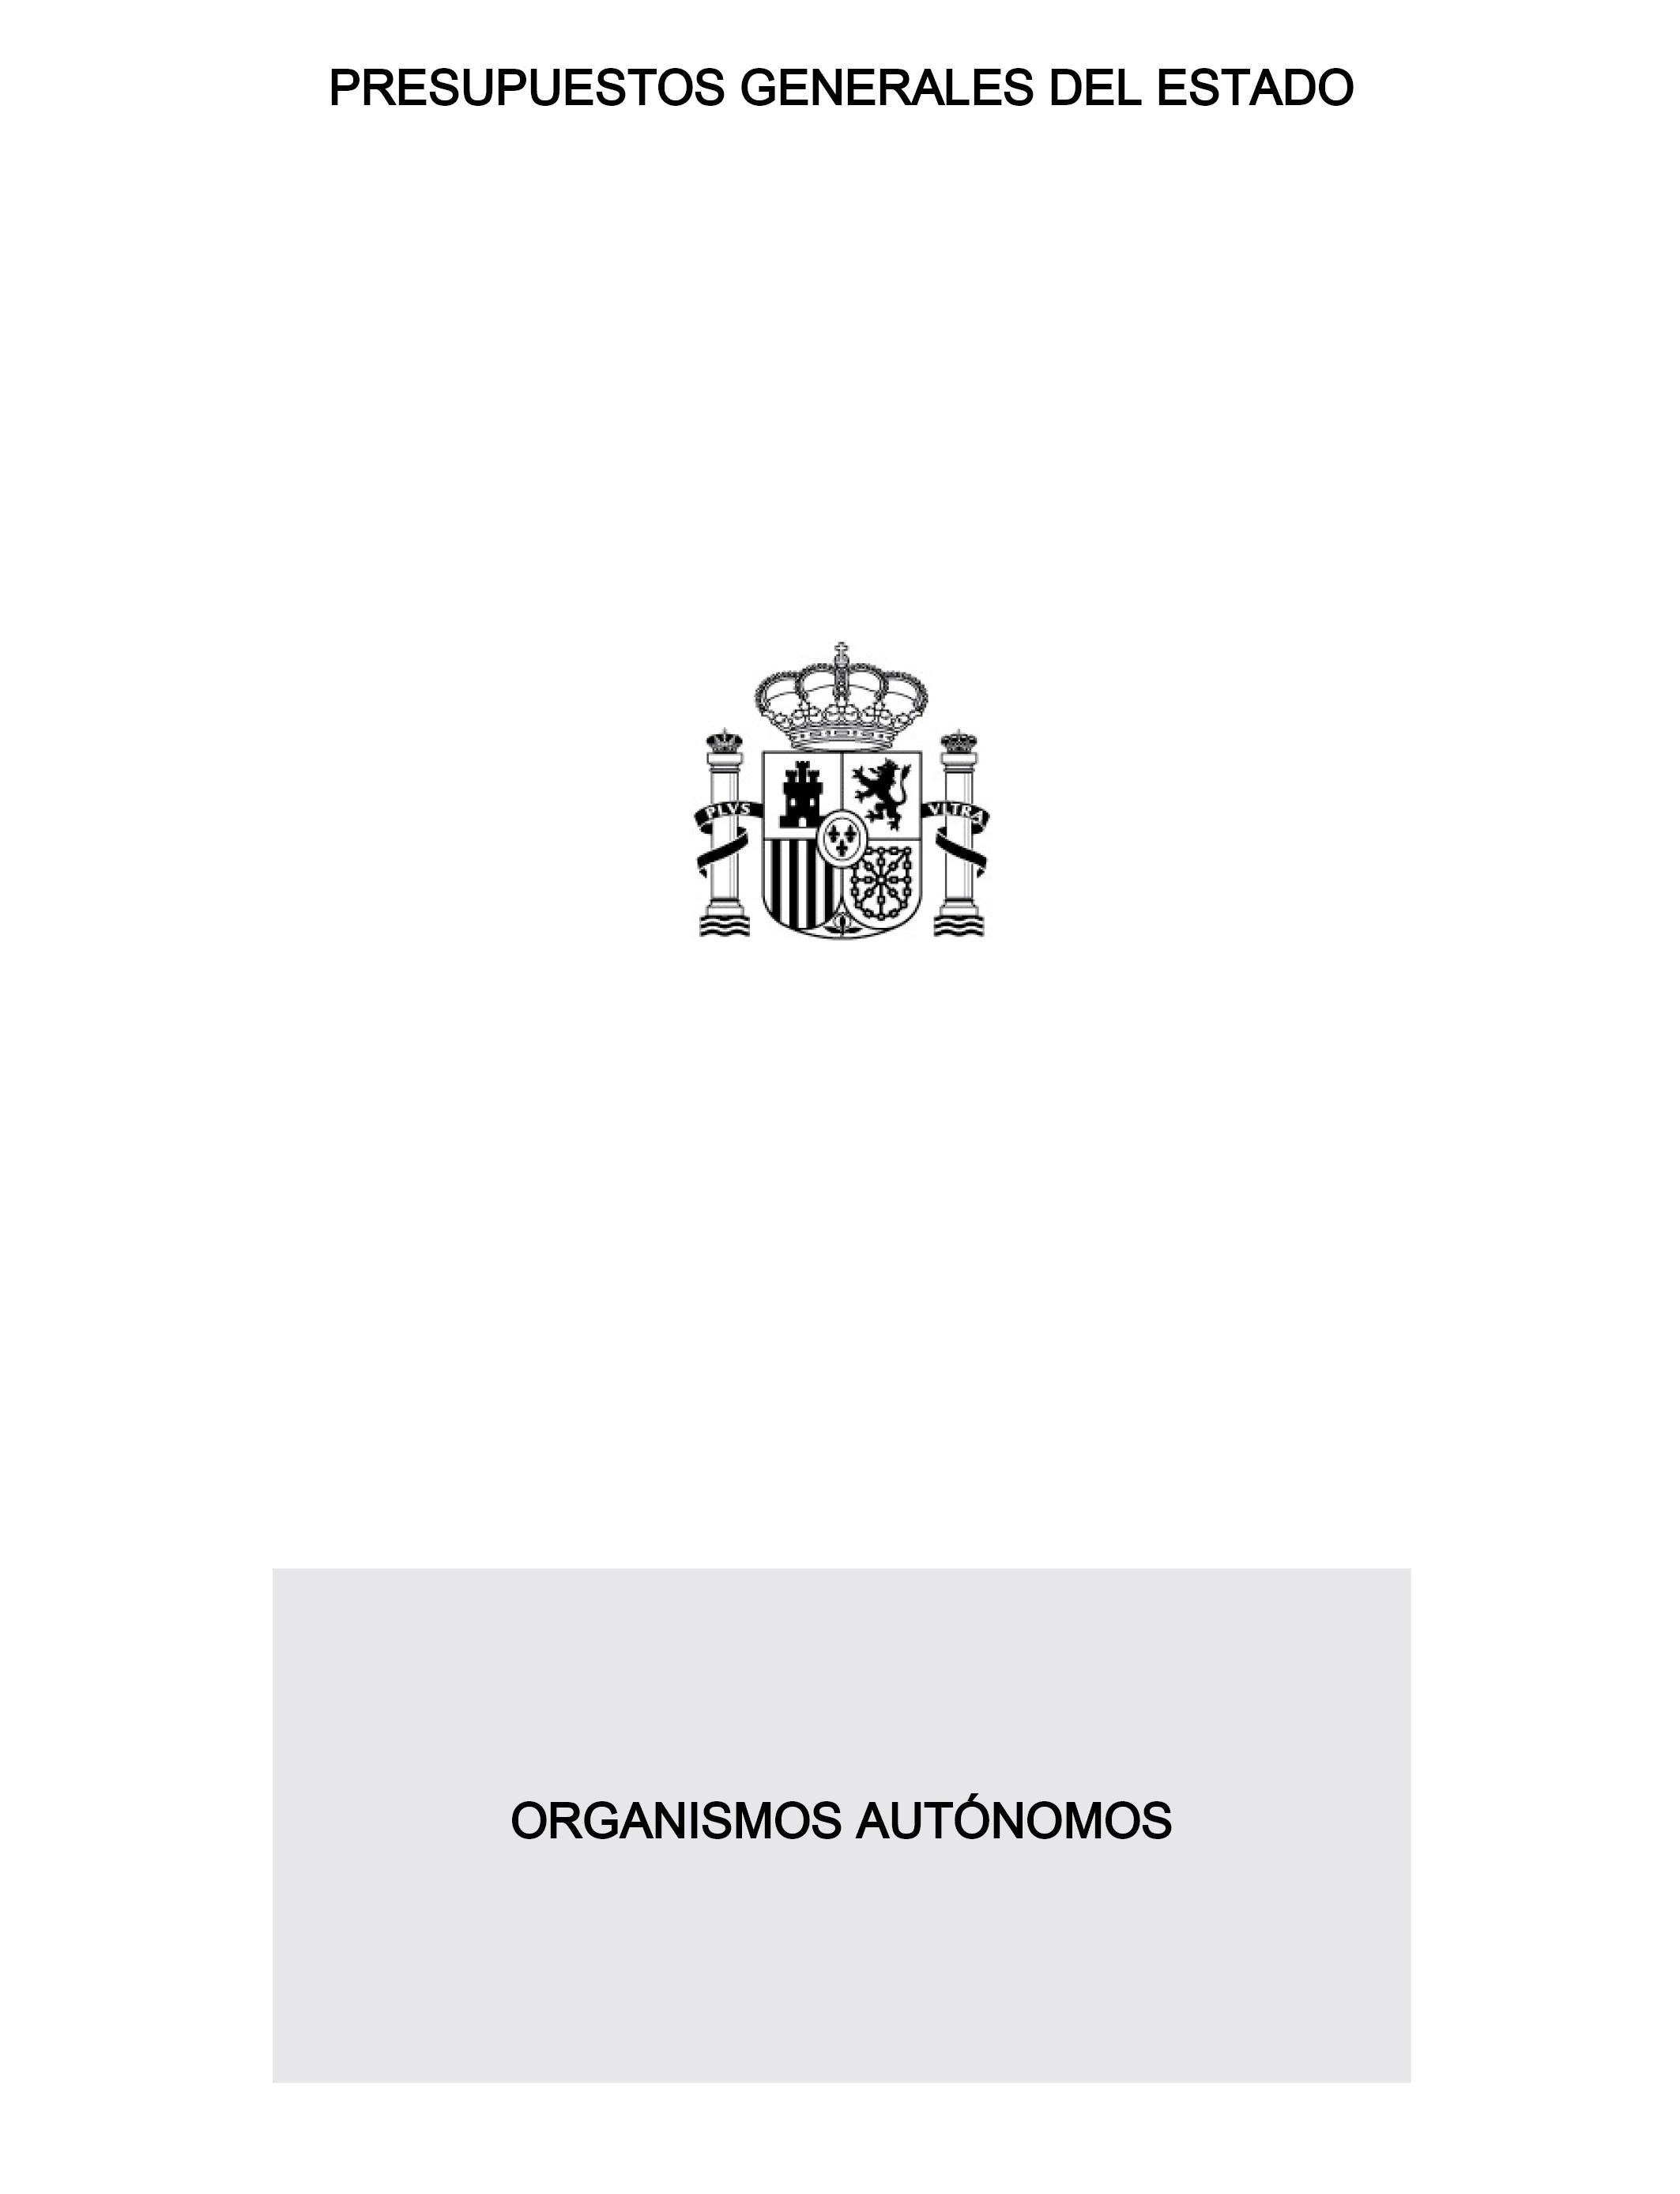 Calendario Oficial Semana Santa 2019 Más Reciente Boe Documento Boe A 2018 9268 Of Calendario Oficial Semana Santa 2019 Más Actual Evaluar Calendario 2019 Con Sus Feriados